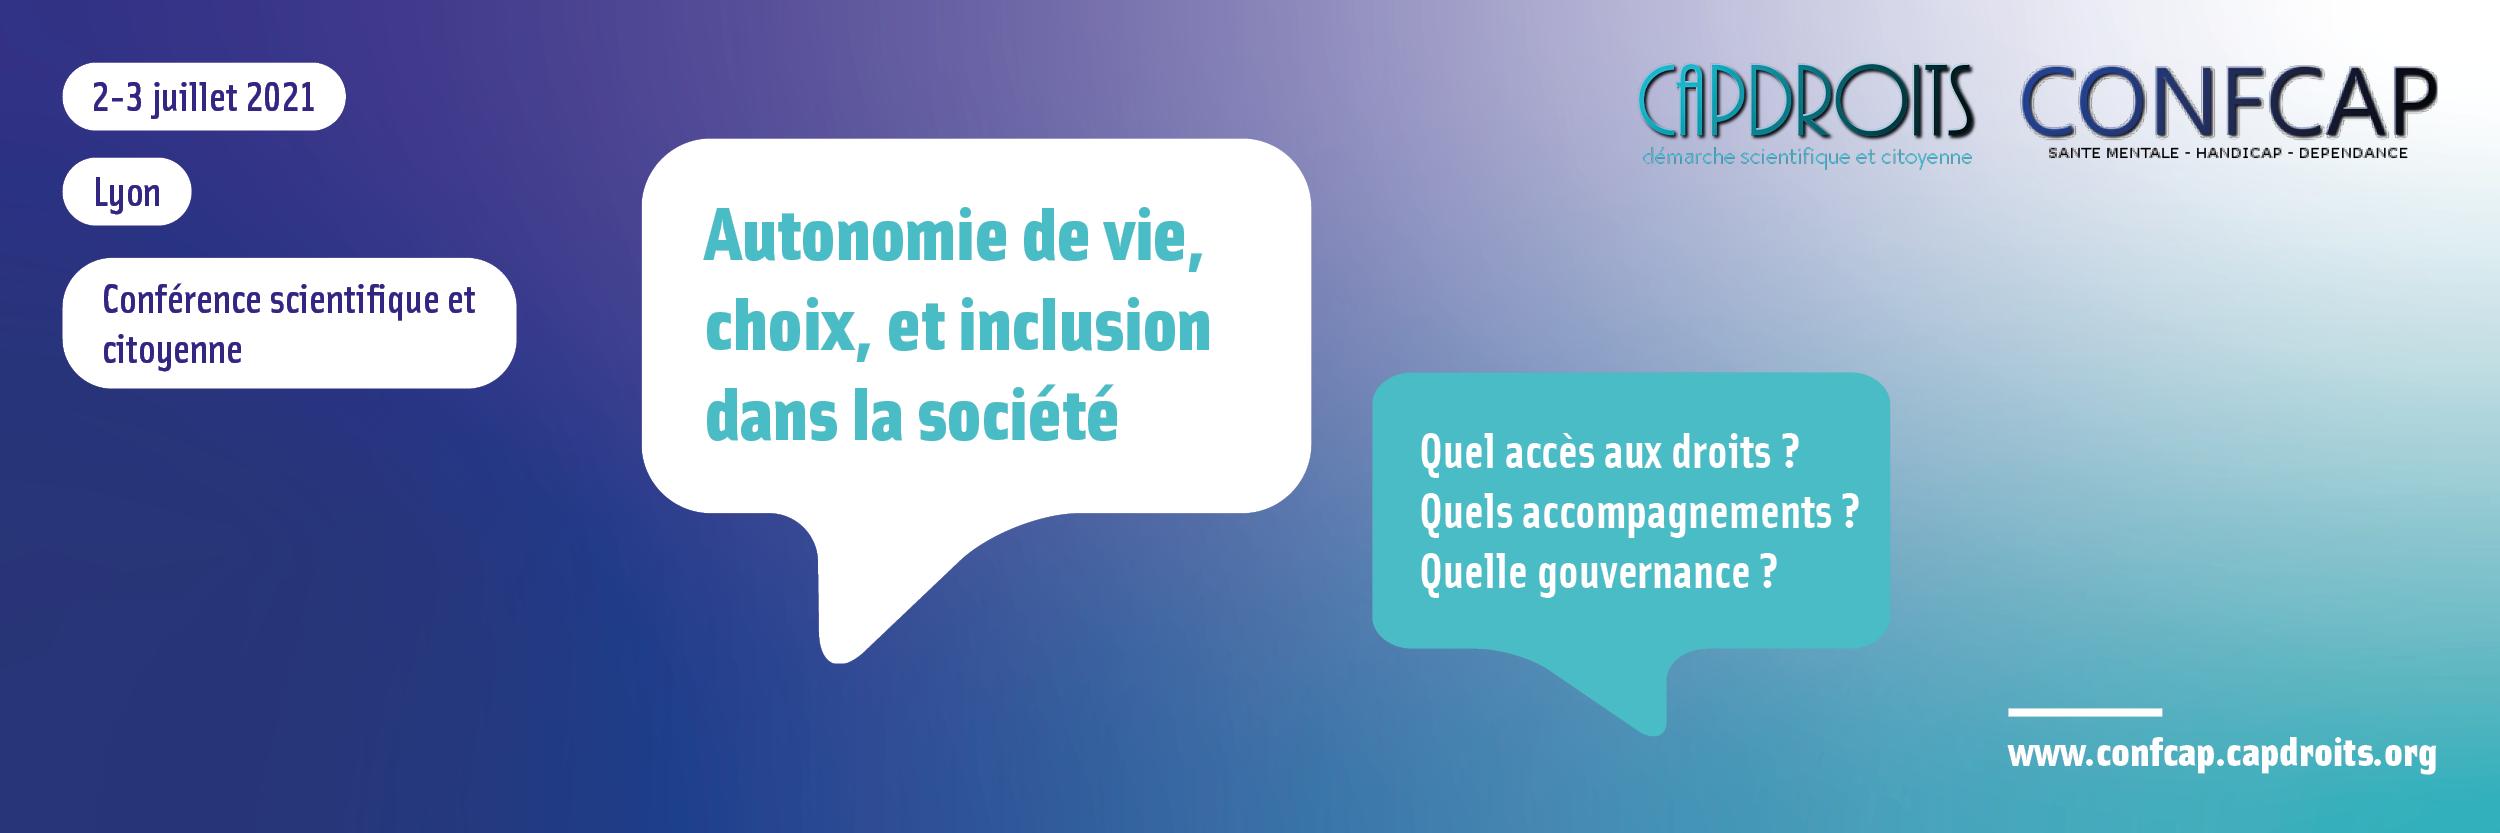 Confcap 2021 : Autonomie de vie, choix et inclusion dans la société